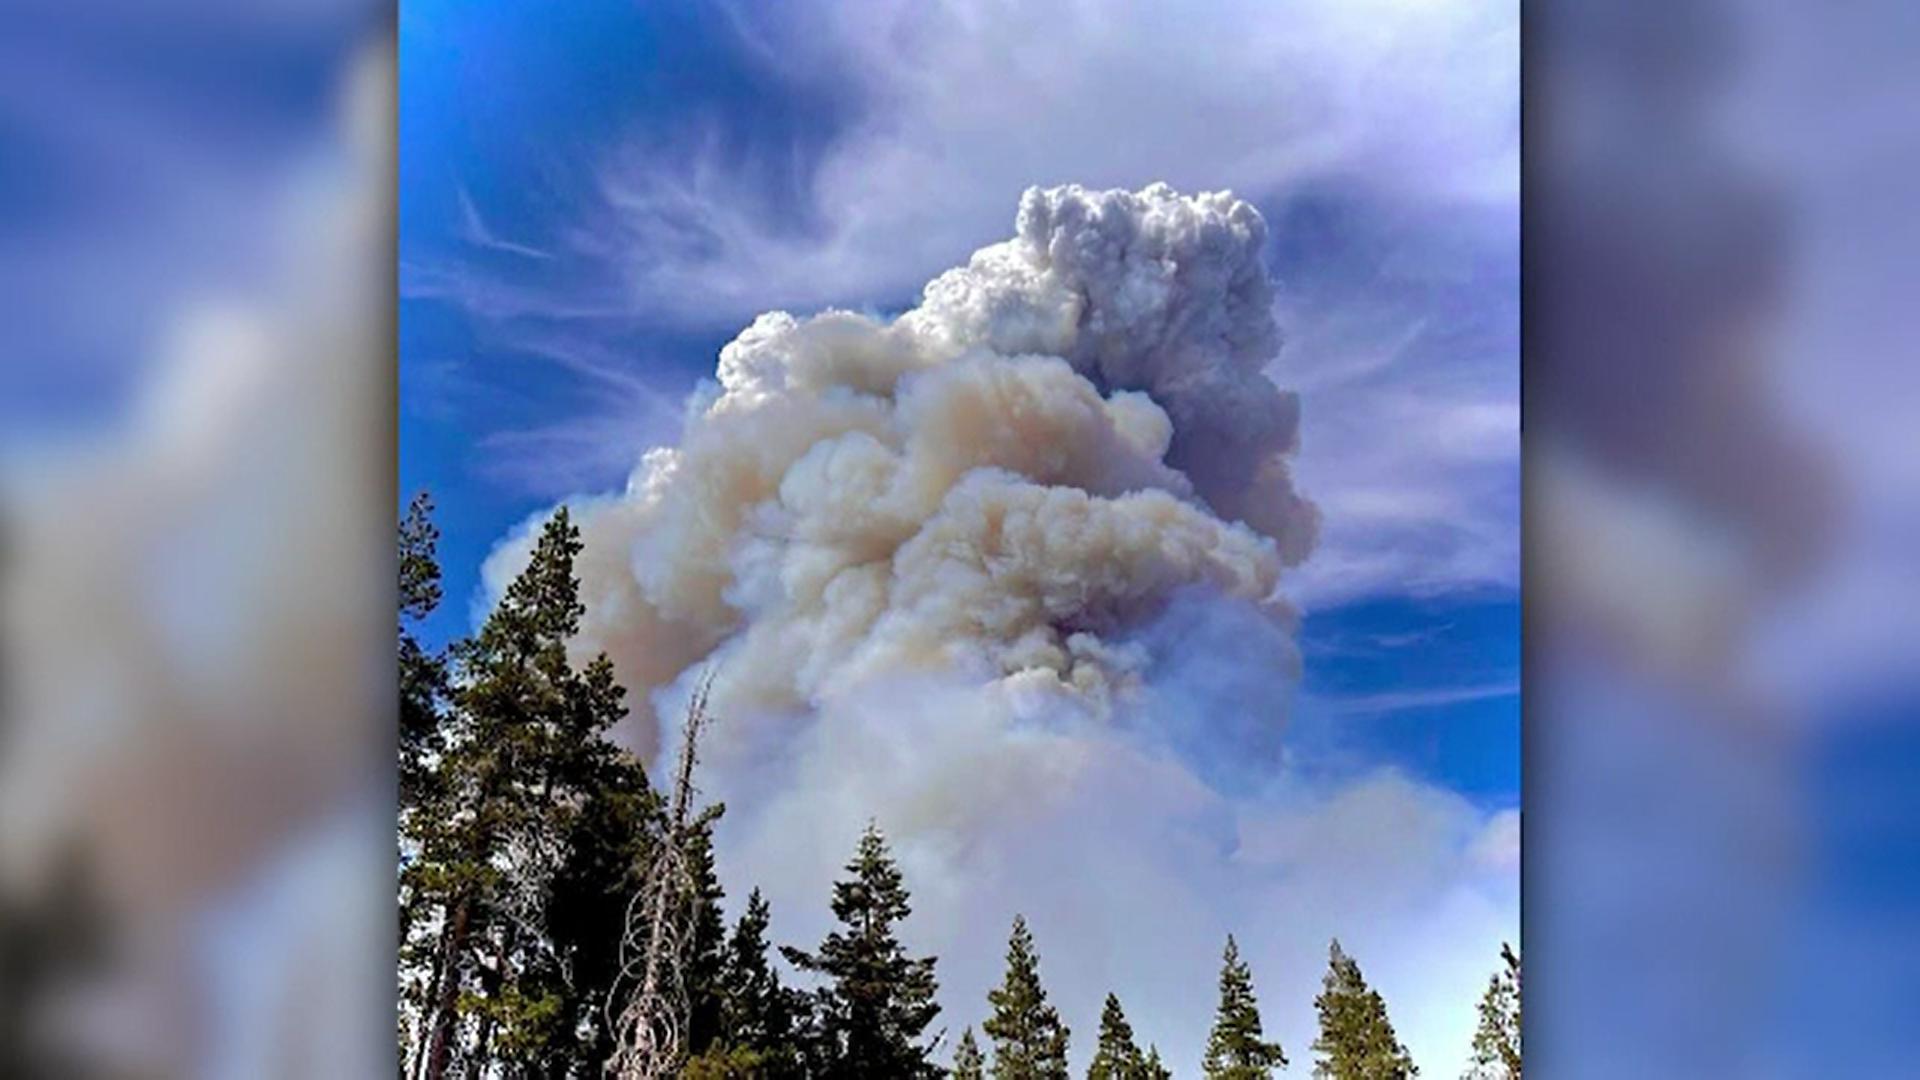 Incendii majore în SUA. Flăcările distrug în fiecare oră sute de hectare de pădure